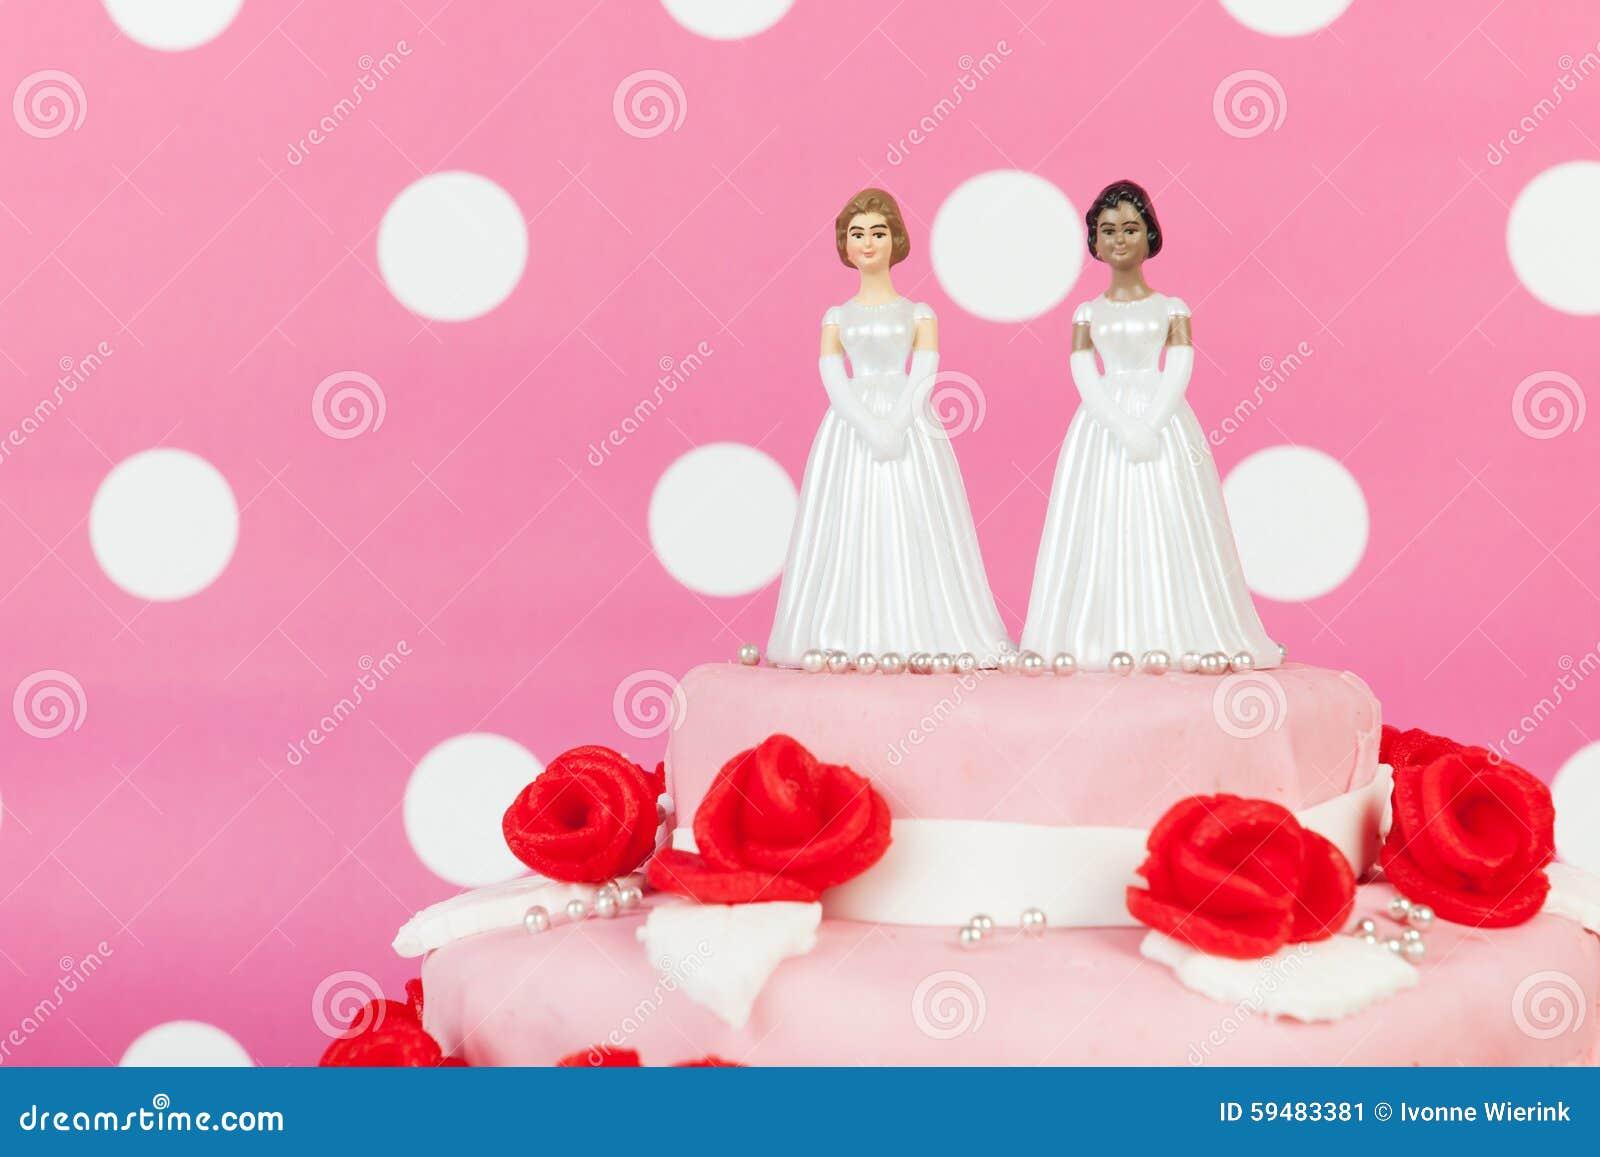 Hochzeitstorte Mit Lesbischen Paaren Stockbild Bild Von Lesbier